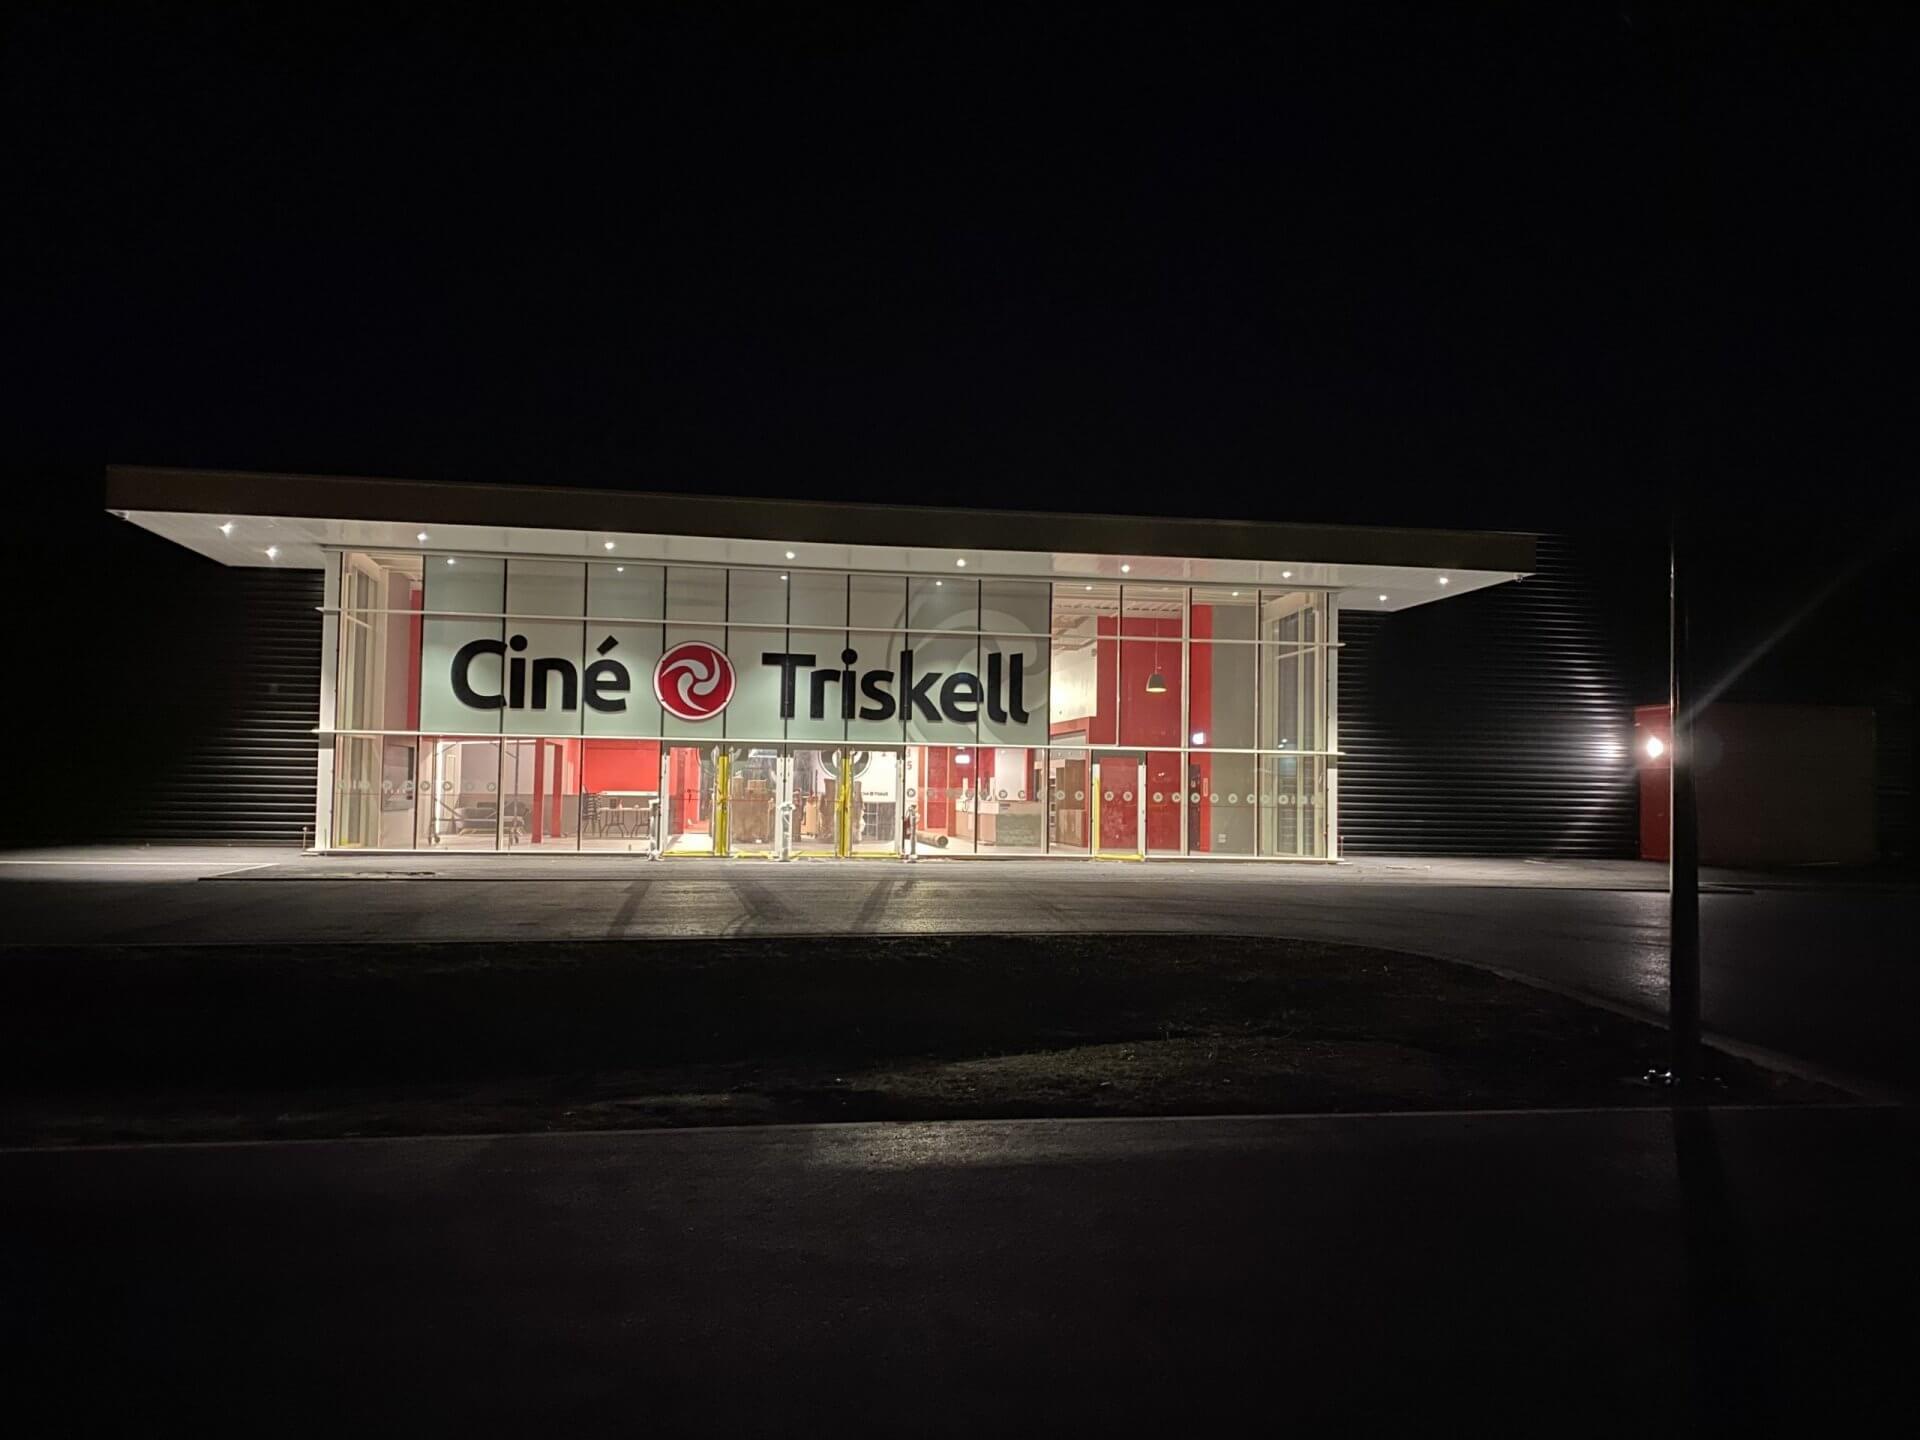 Kleslo - fauteuil club- Leader de fabrication de fauteuils cinéma, théâtre ... cinéma Ciné Triskell de Challans v2